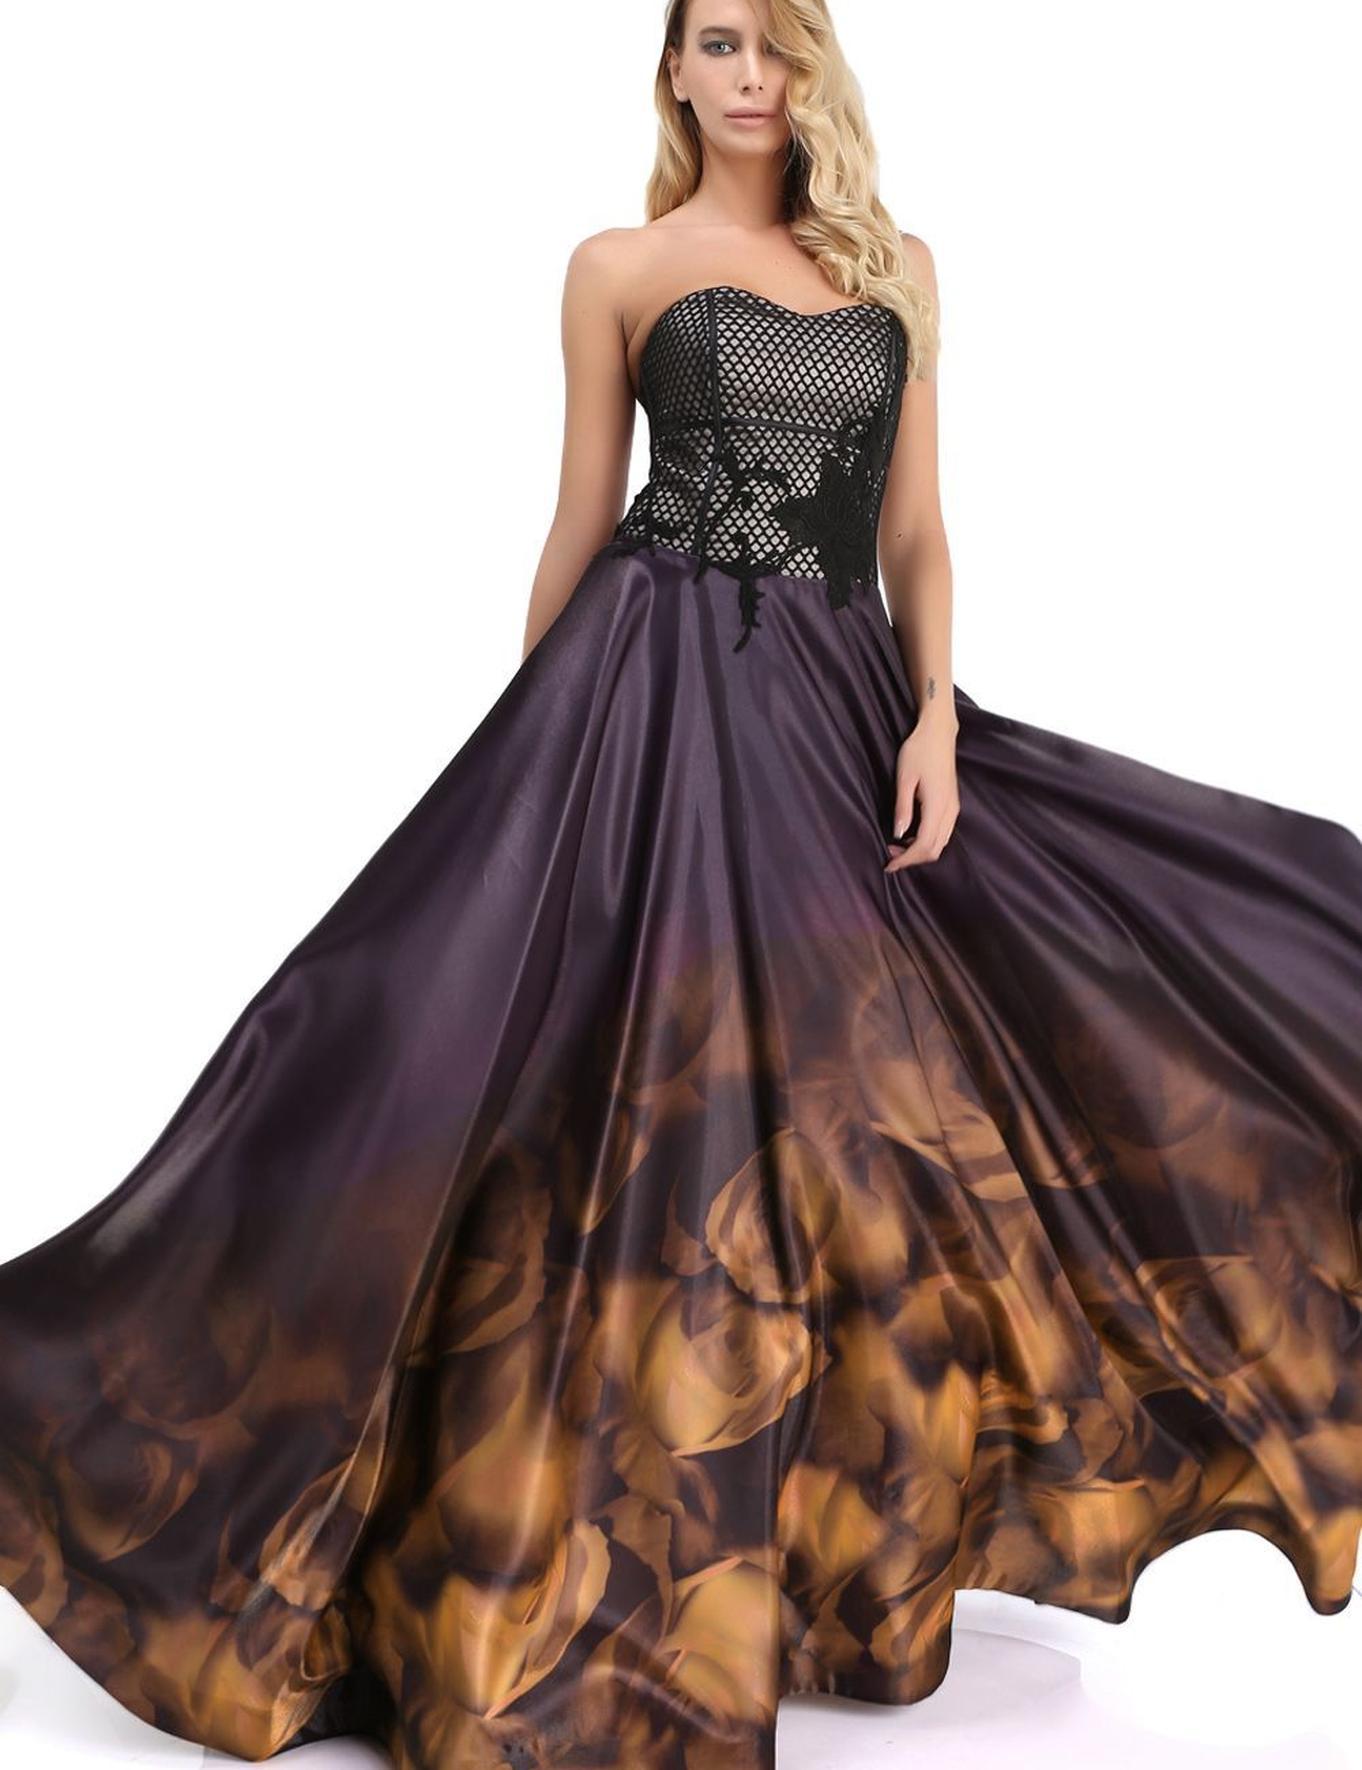 KAHVERENGI Kabarık Abiye Elbise